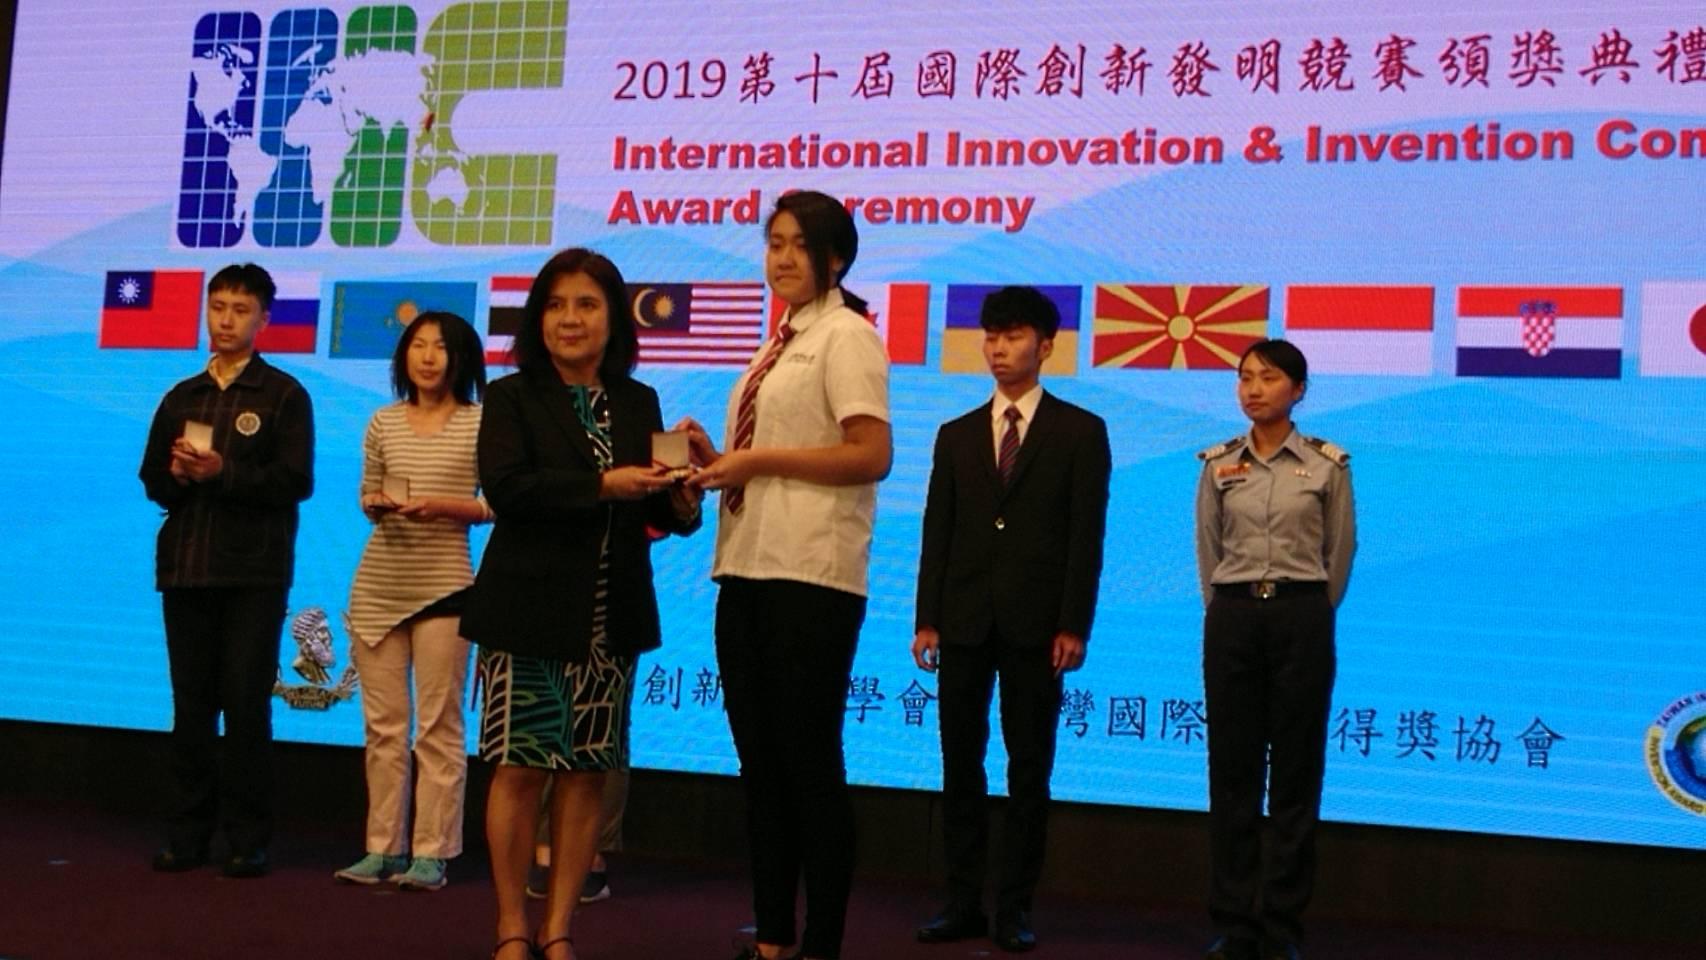 「第十屆IIIC國際創新發明競賽」銀牌獎-9